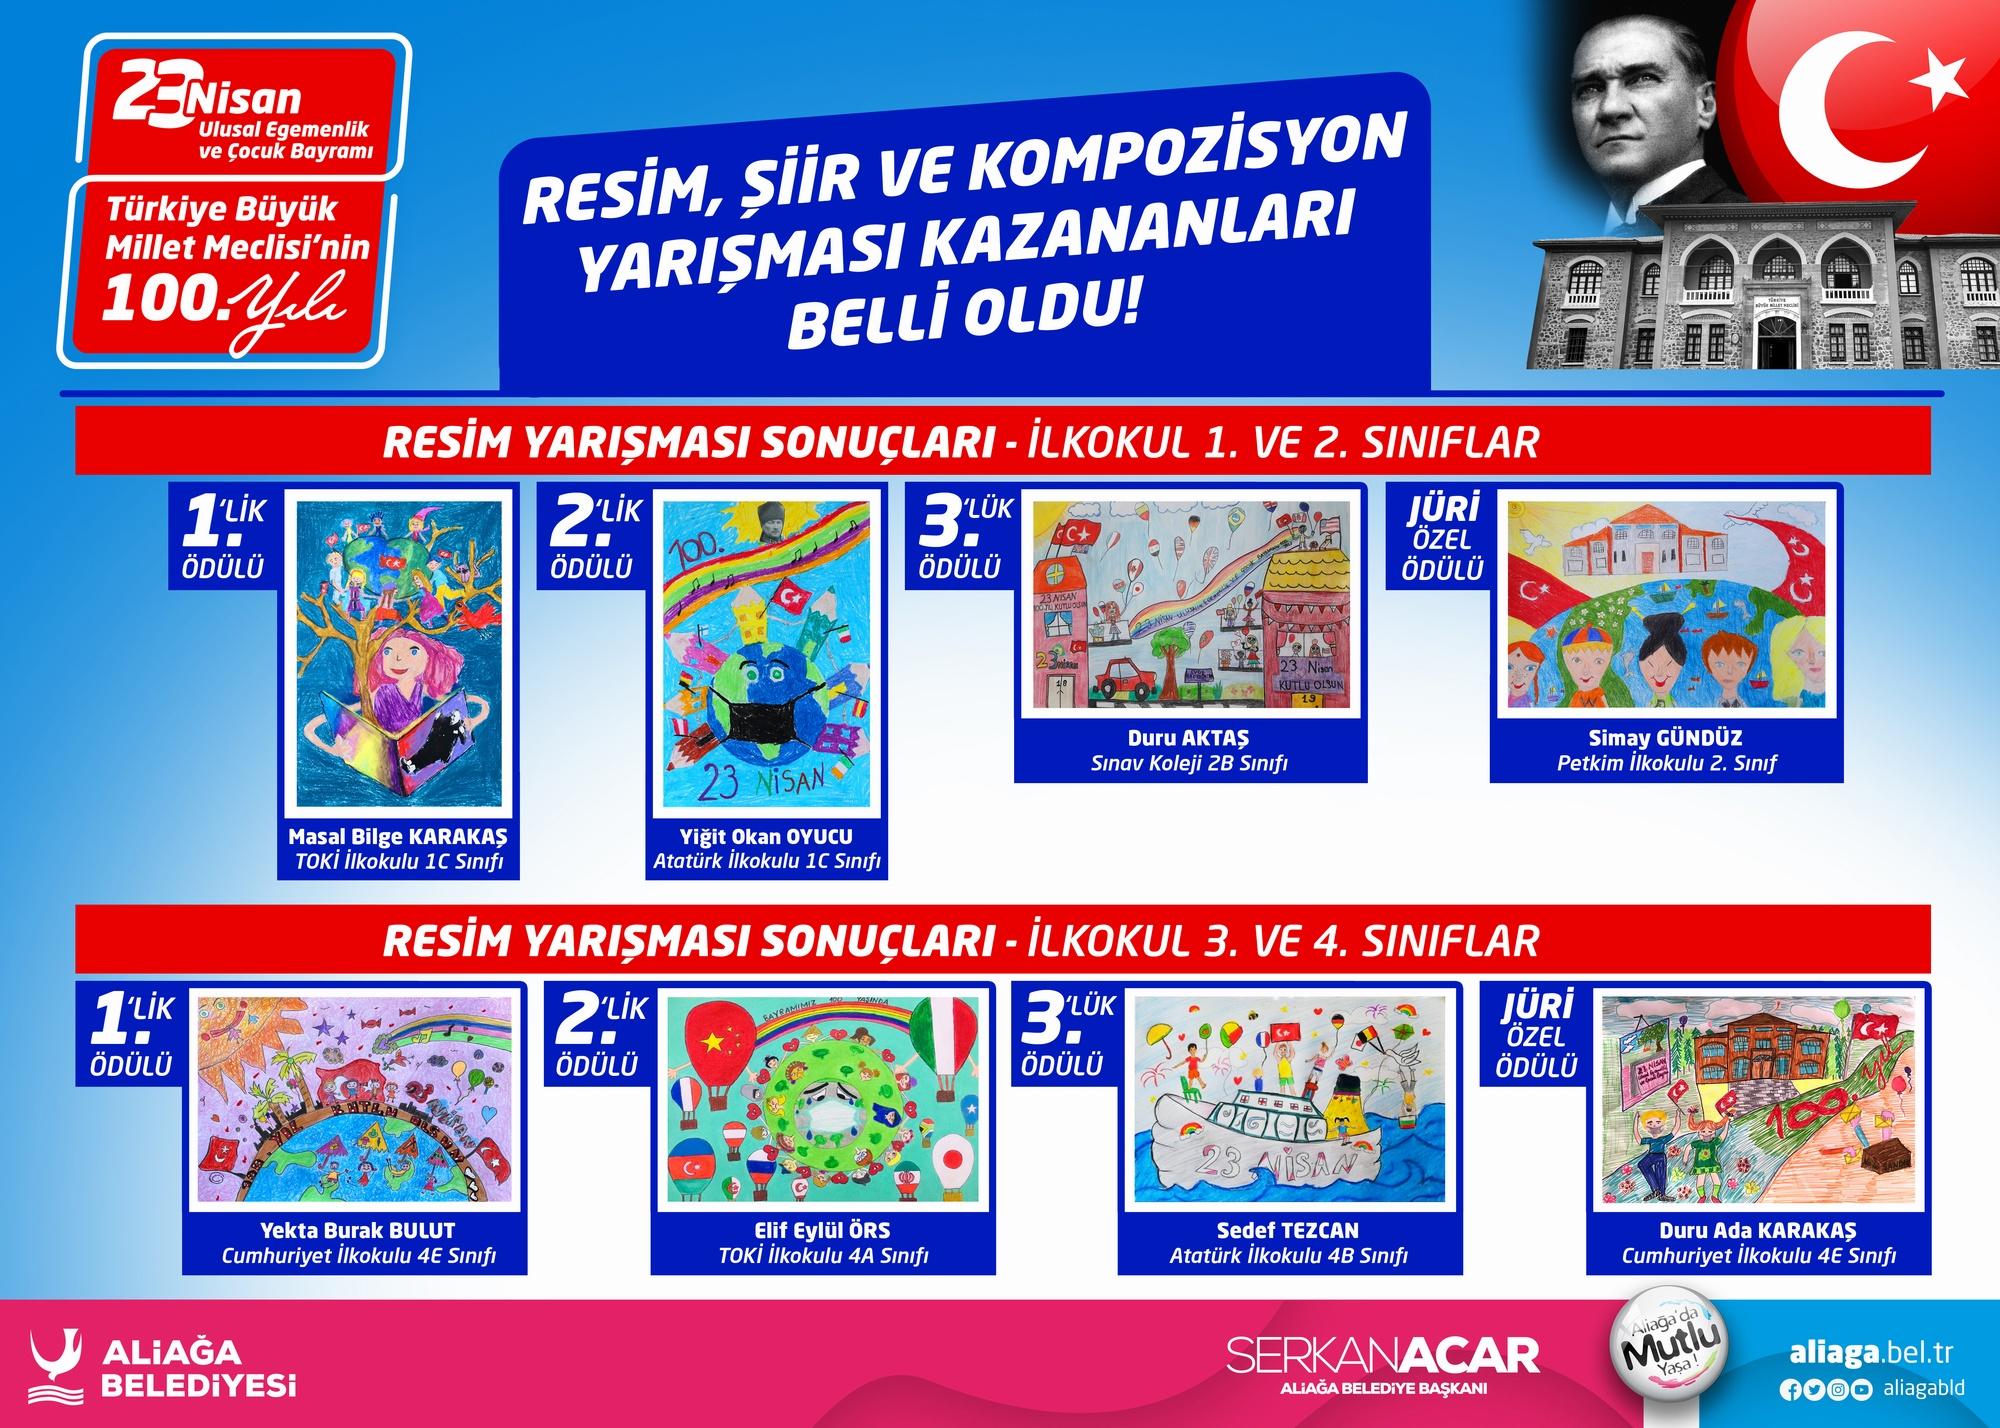 23 NİSAN YARIŞMASININ KAZANANLARI BELLİ OLDU..